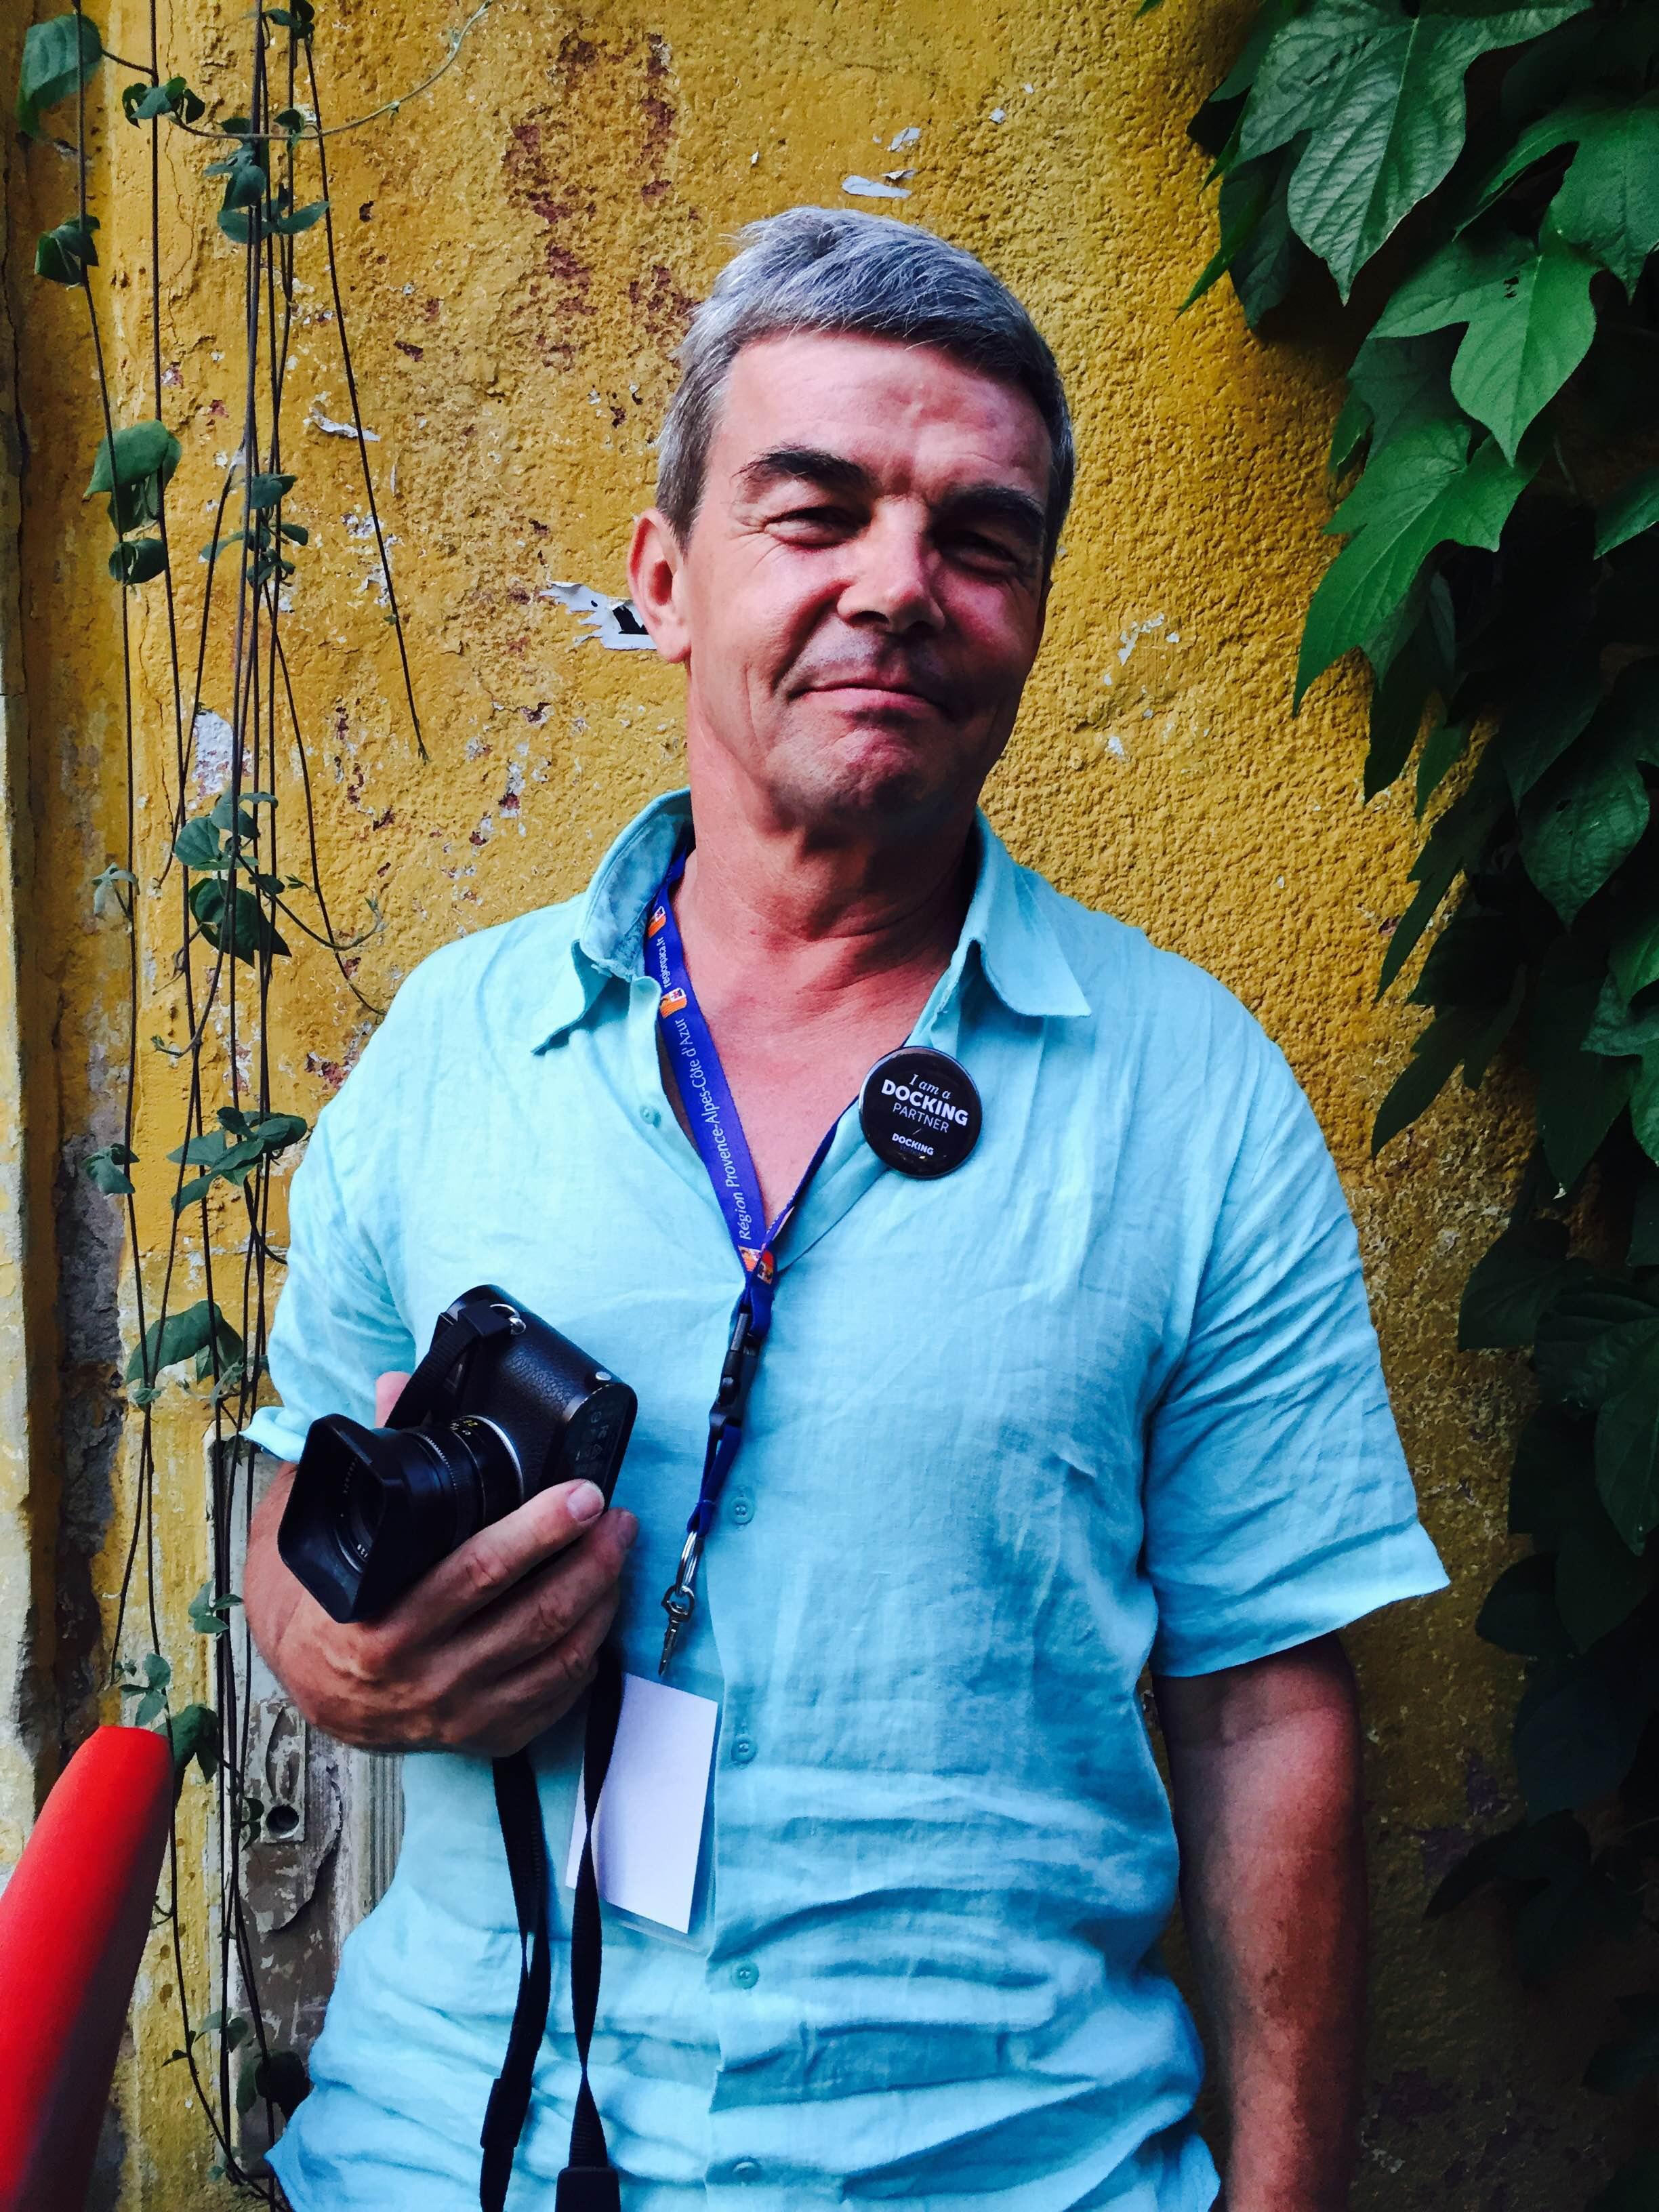 BRUNO CHALIFOUR    Director Spectrum Gallery at Lumiere